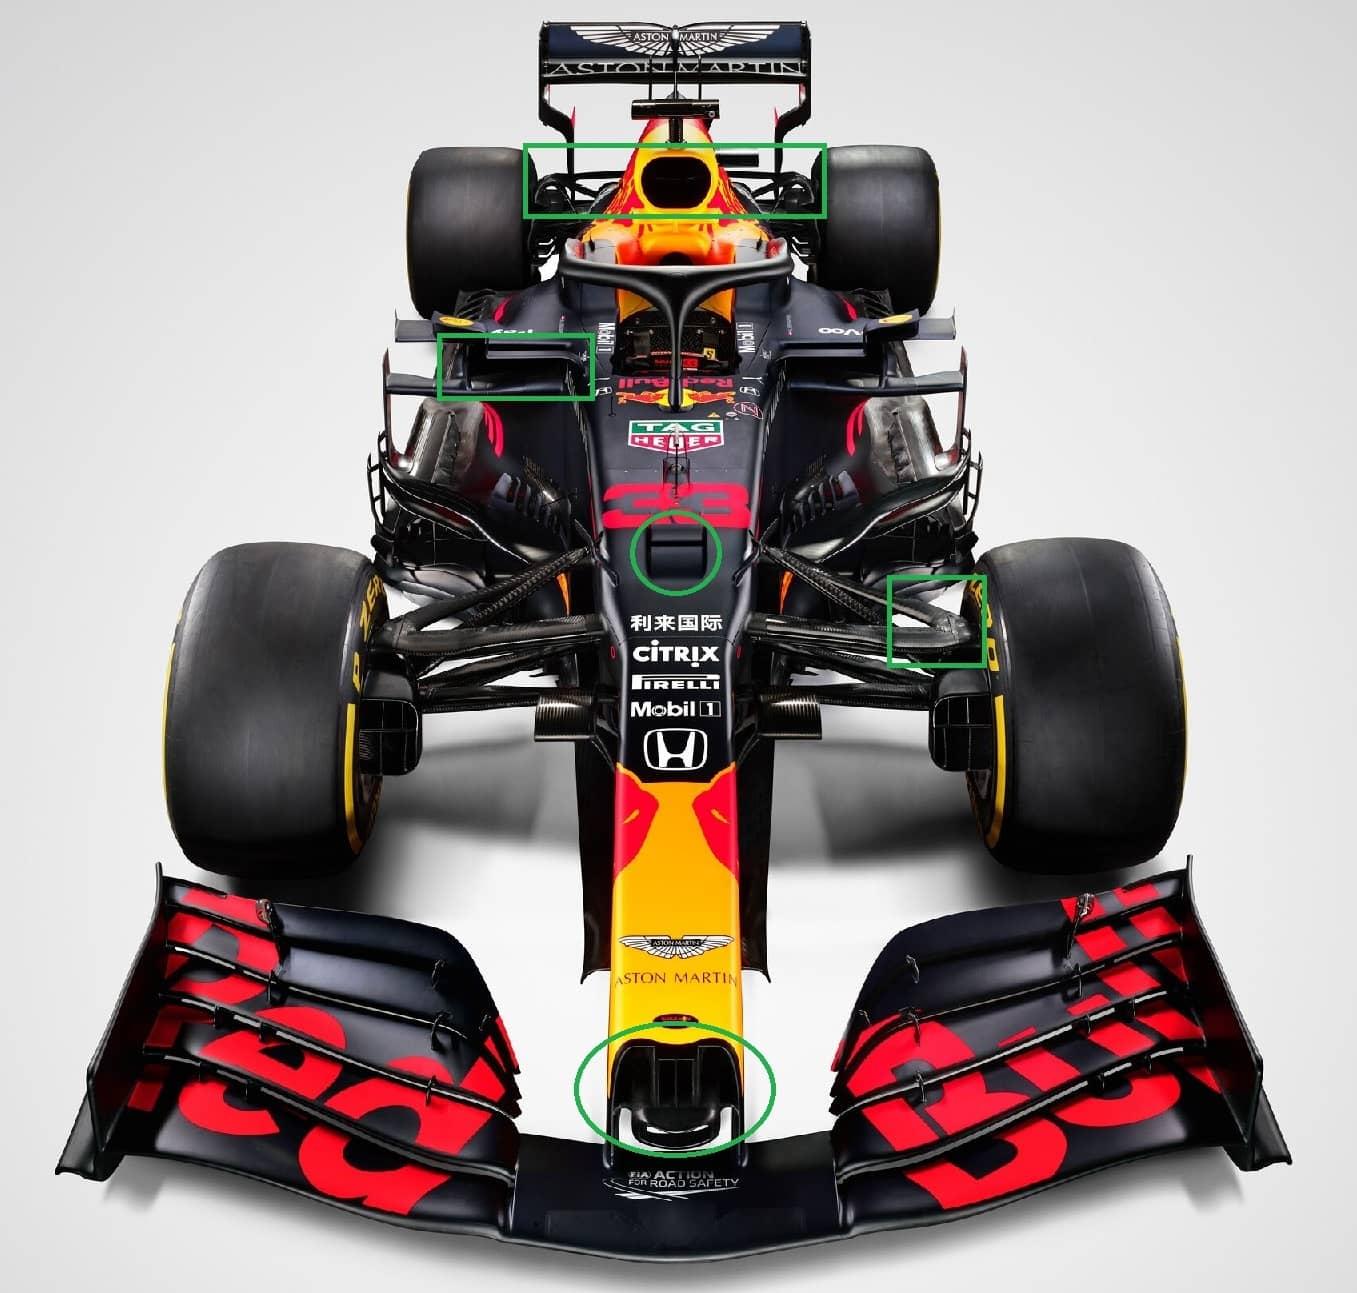 Bocche laterali, S-duct, muso e nuove sospensioni in risalto sulla RB16.